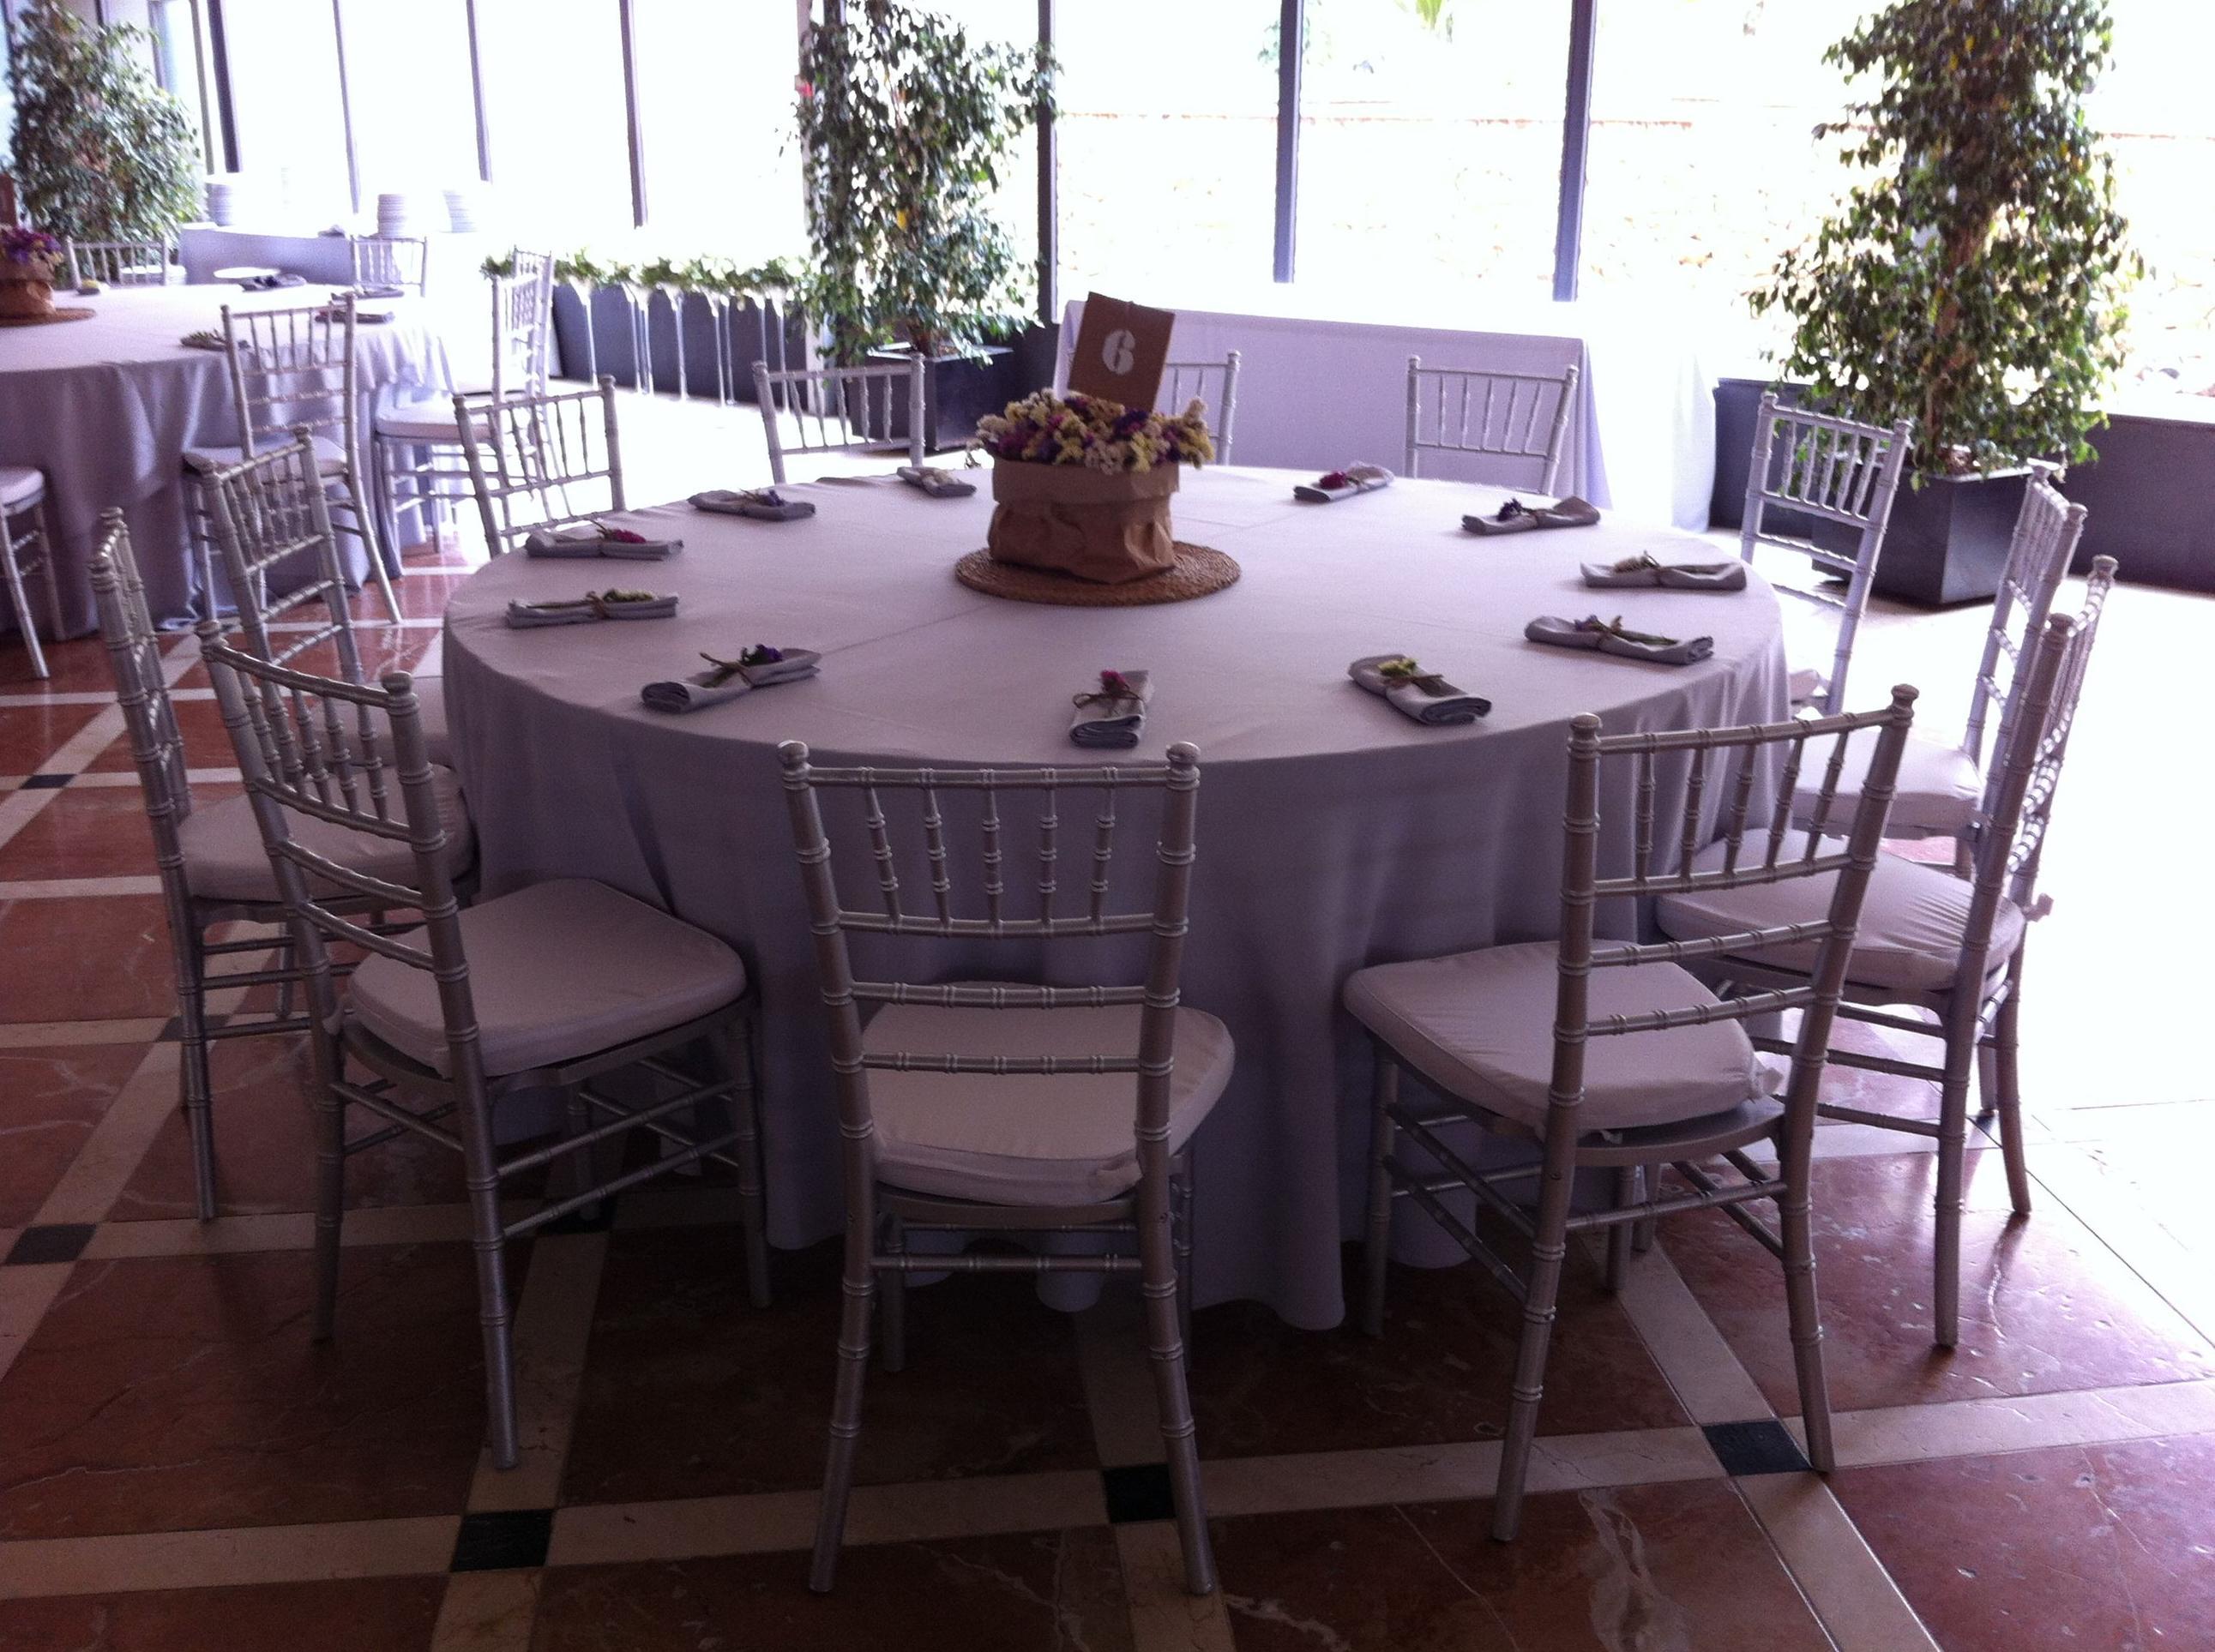 Oferta de alquiler de sillas y mesas para bodas y eventos for Alquiler mesas sillas